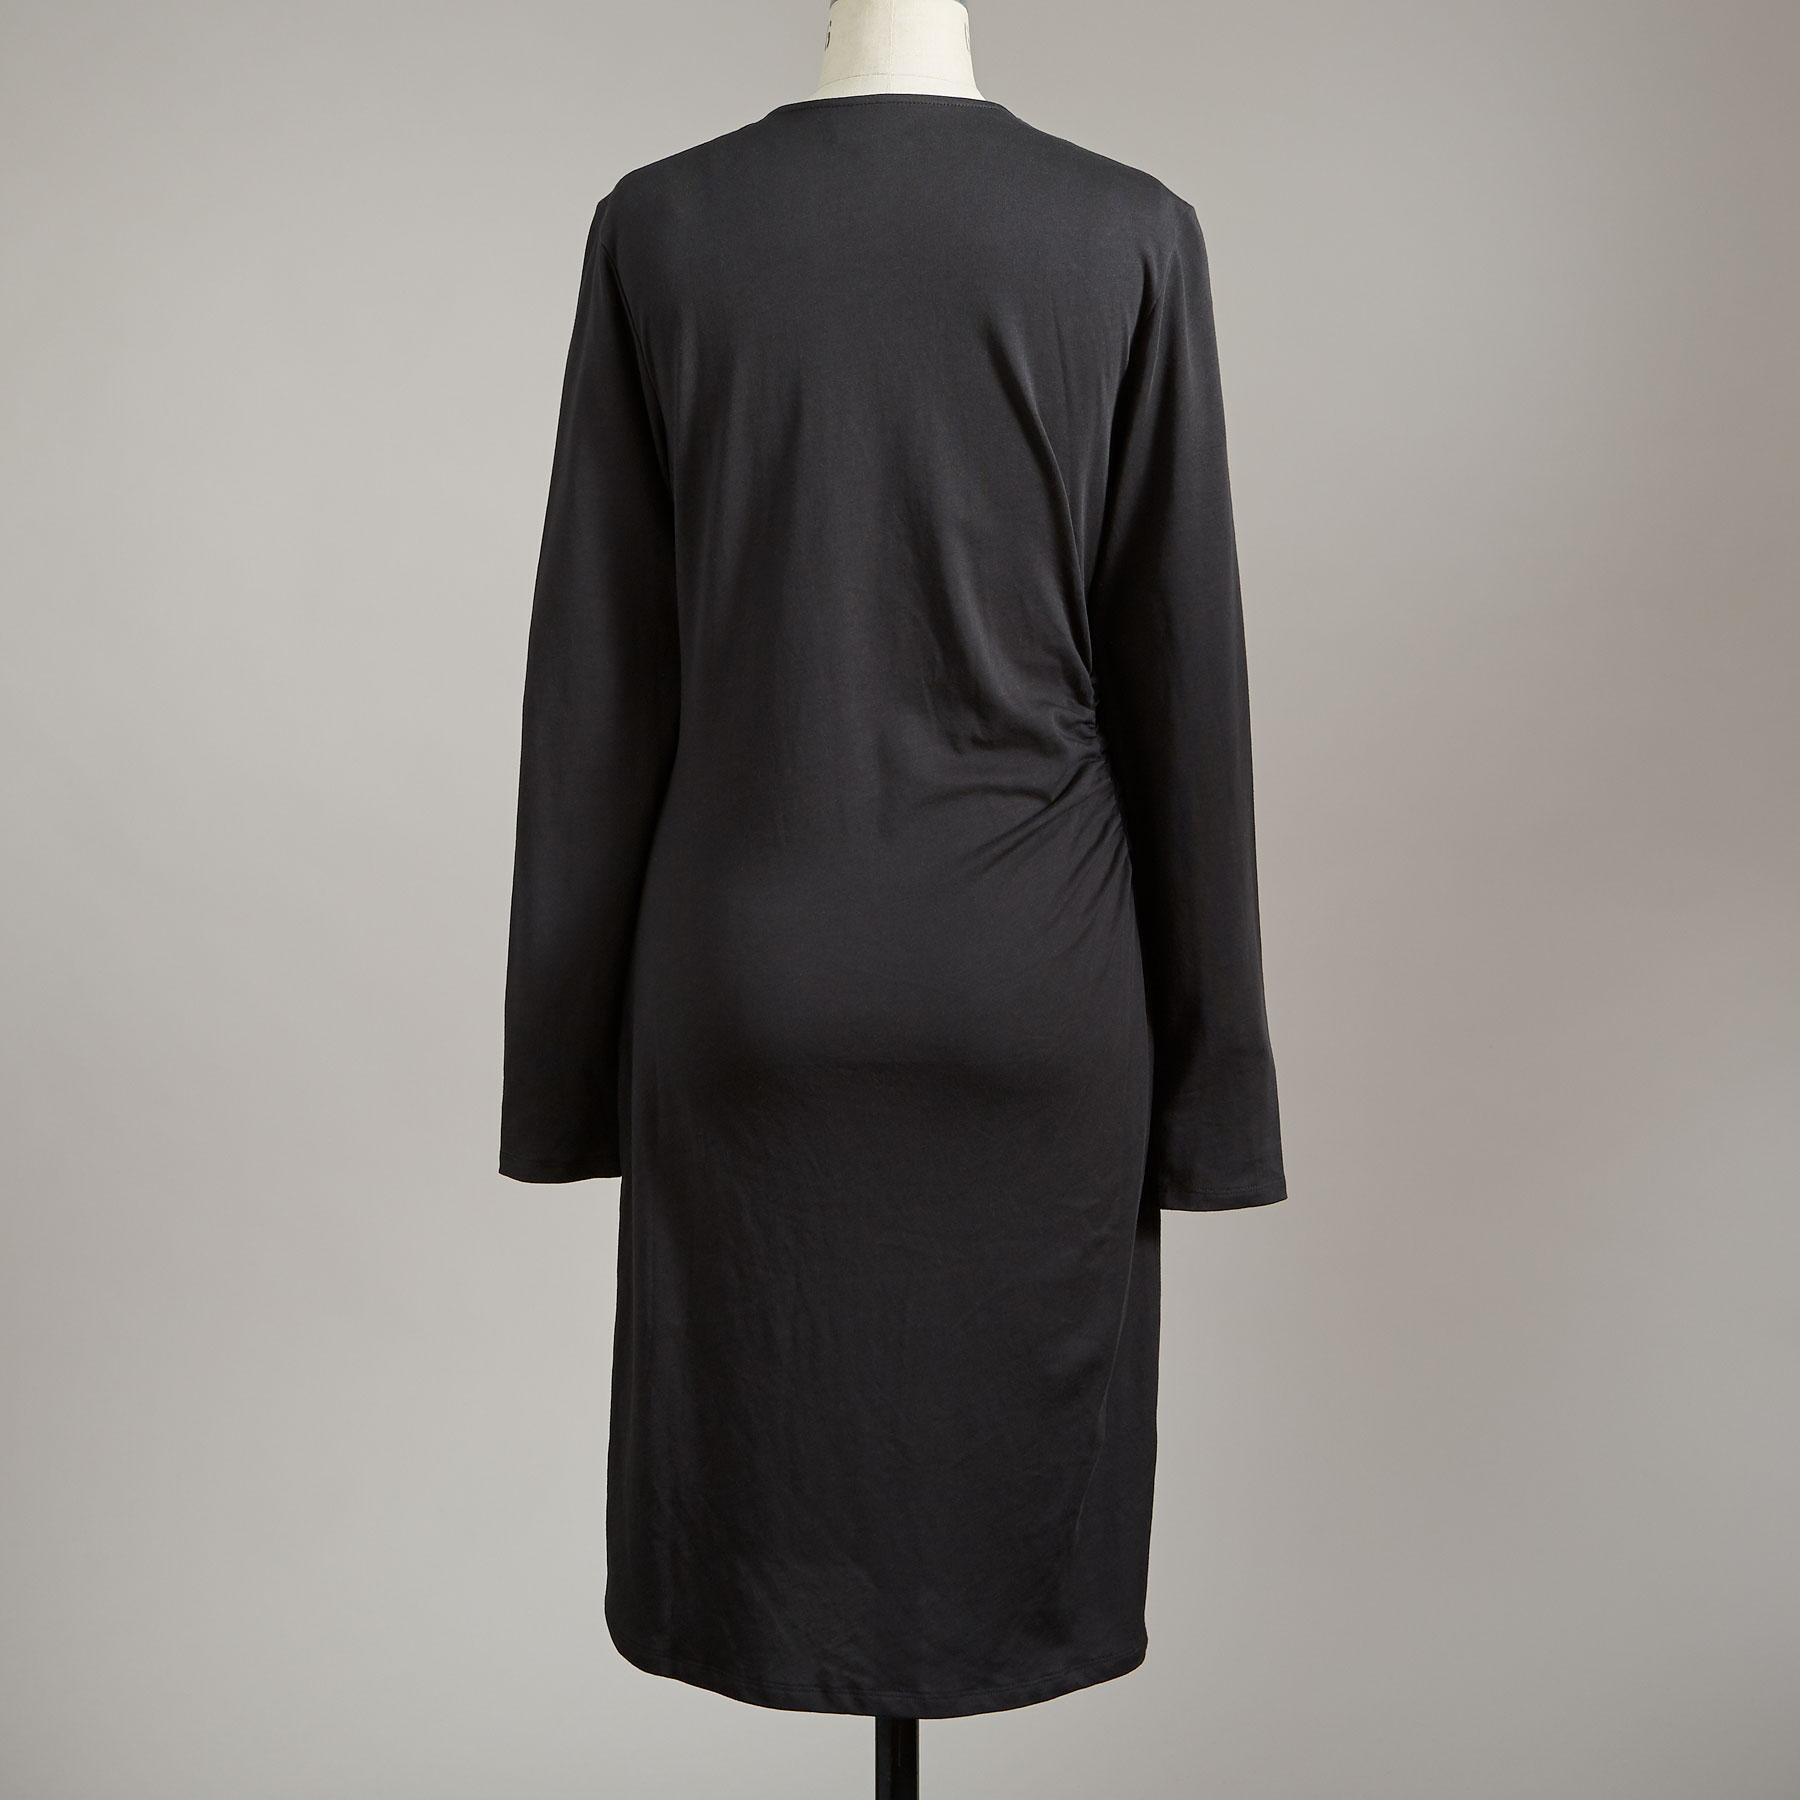 CLASSIC TWIST DRESS: View 2